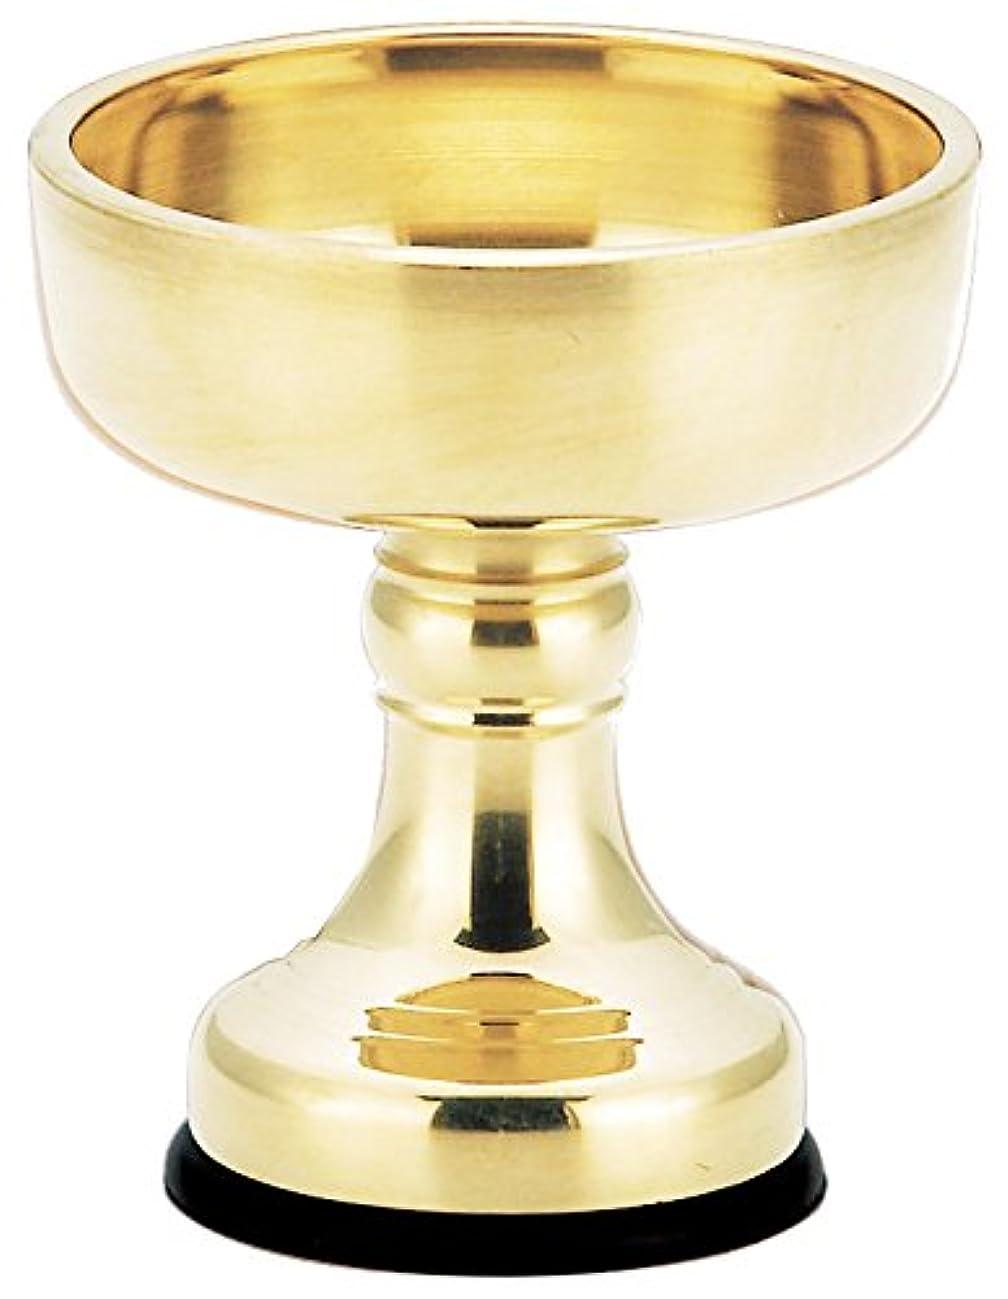 感動する幸運な宮殿マルエス 御仏具 唐仏器 NO.10 ゴールド